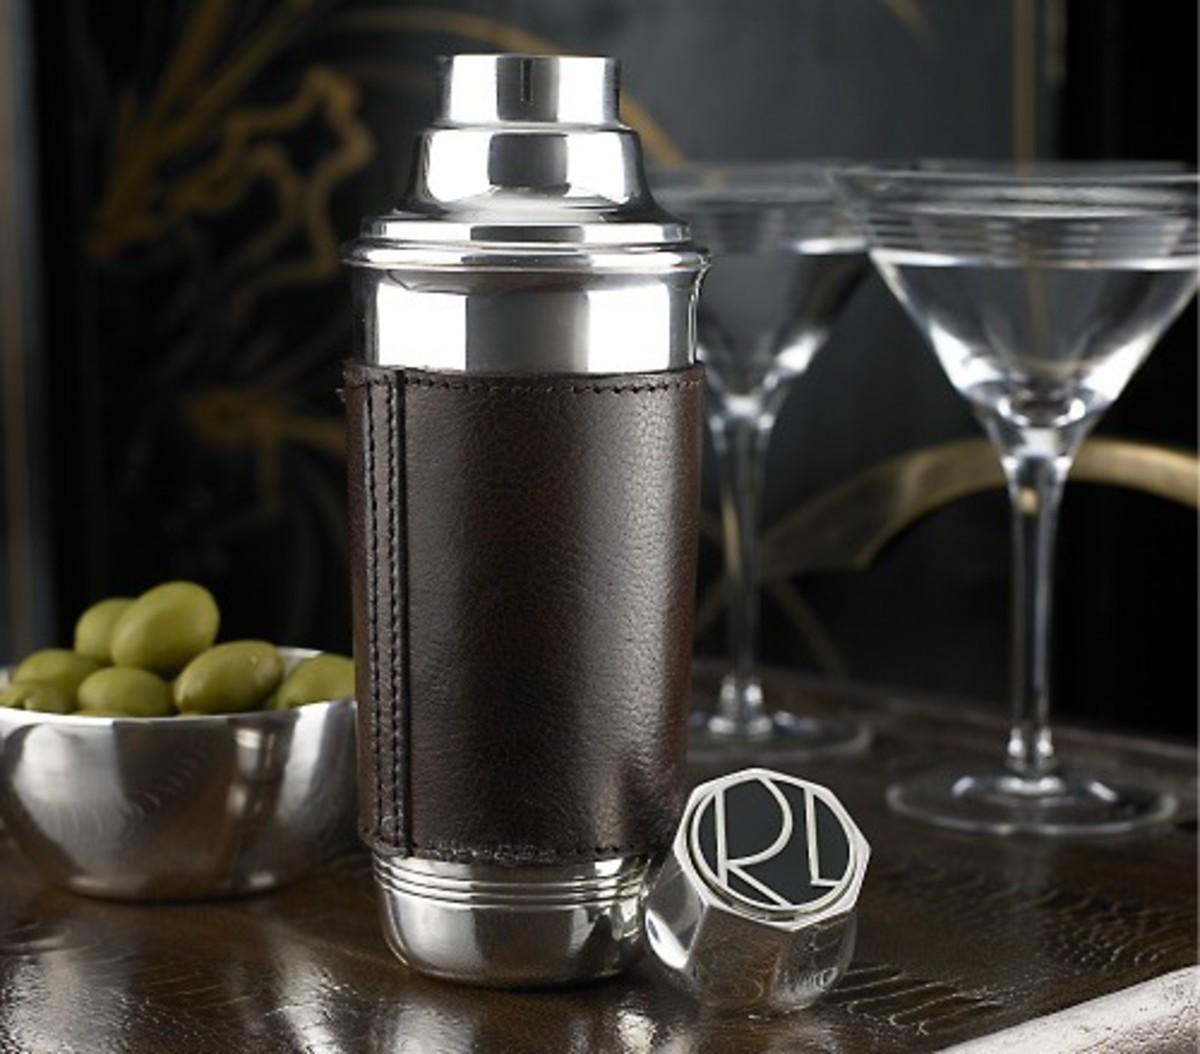 Ralph Lauren Sales Auto Cocktail Shaker - Acquire